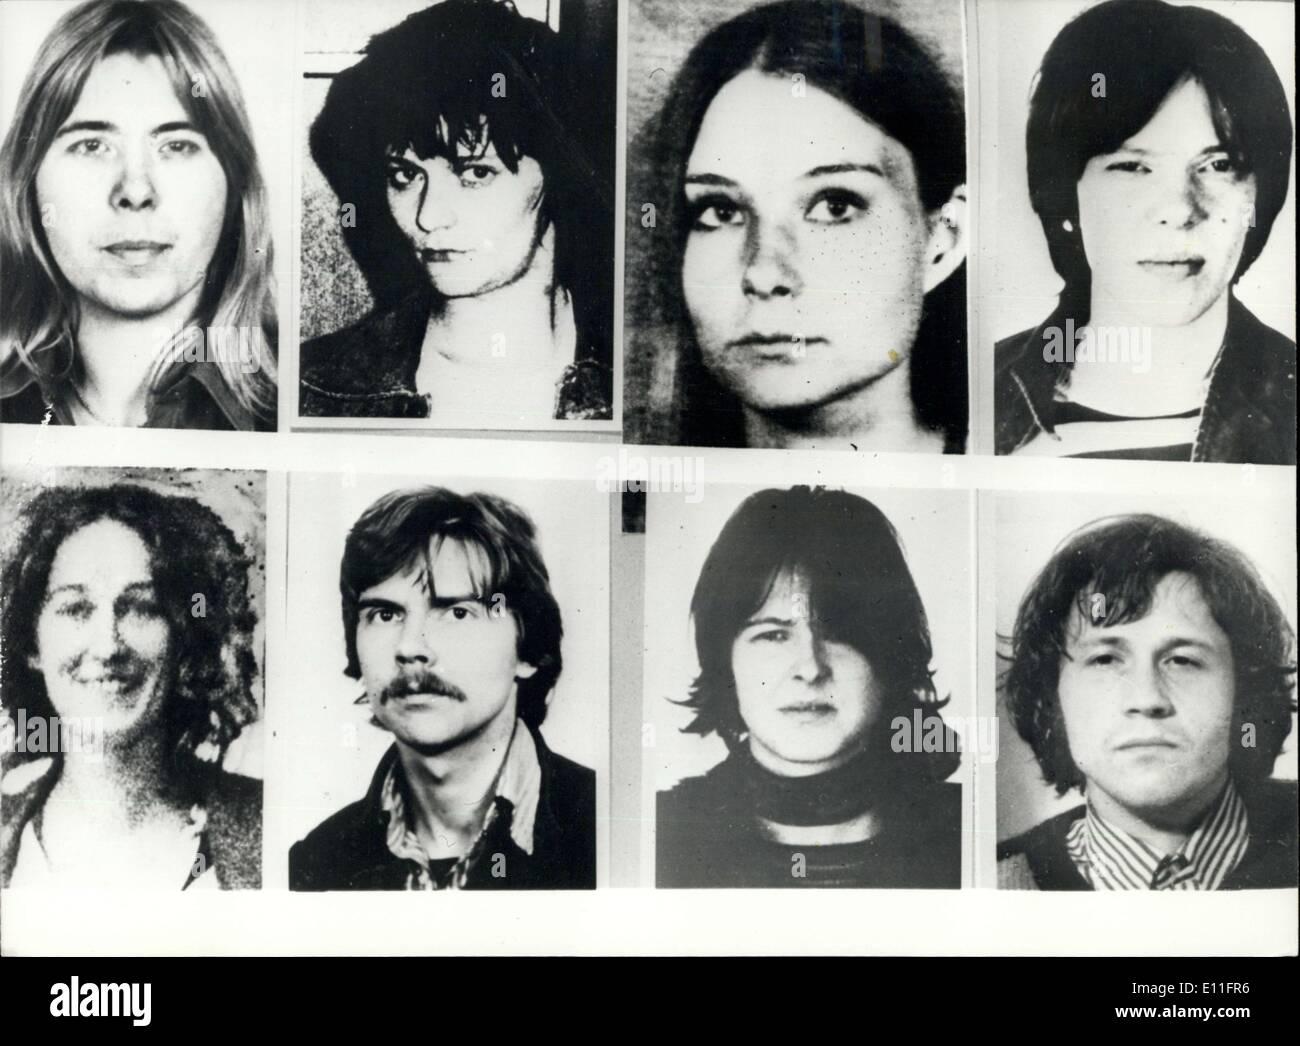 25 ottobre 1977 - La più grande ricerca nella storia per il killer di Dr Schleyer: nella stessa notte di ottobre 19th, quando il corpo di Hanna-Martin Schelyer è stata trovata, la RFT ha iniziato la ricerca più grande nella storia della Germania. Voleva sono 16 terrorista in connessione con l' assassinio di Schleyer. Migliaia di manifesti e da locandine sono stati consegnati dalla polizia. La foto mostra L-R: Inge Viett, Juliane Plambeox, Angelika Speitel, e Susanne Albrecht, inferiore Immagini Stock